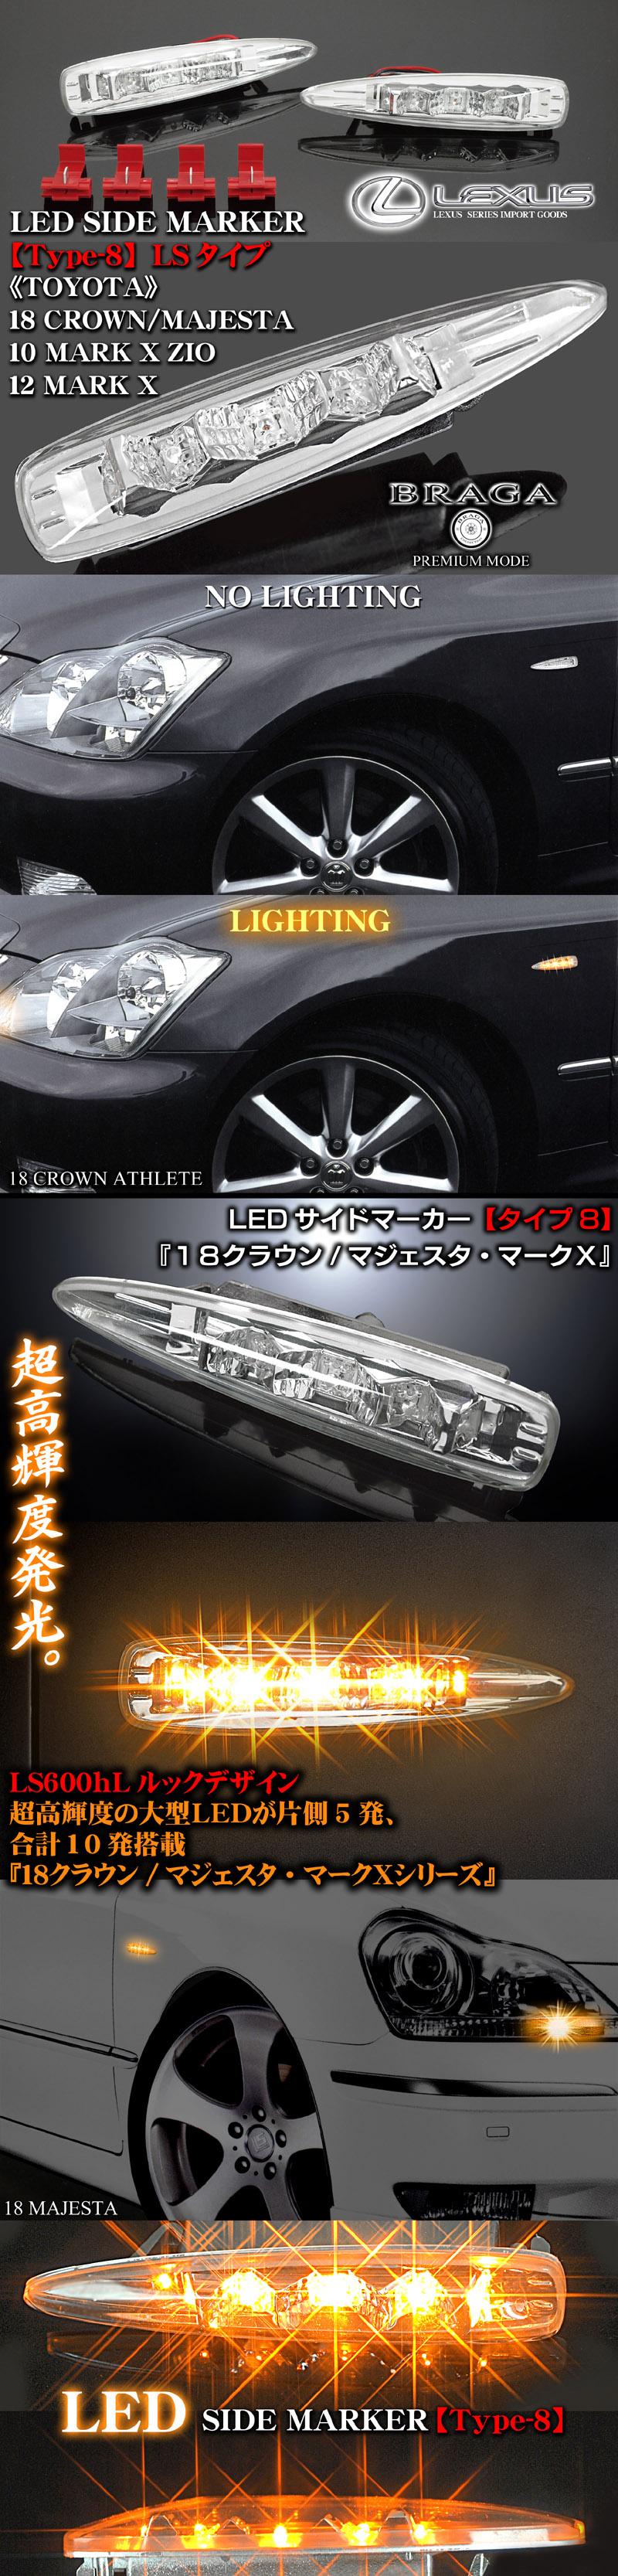 【クリスタルLEDサイドマーカー[タイプ8]LS600hLタイプ《12マークX・10マークXジオ前期》超高輝度大型LED10発搭載】